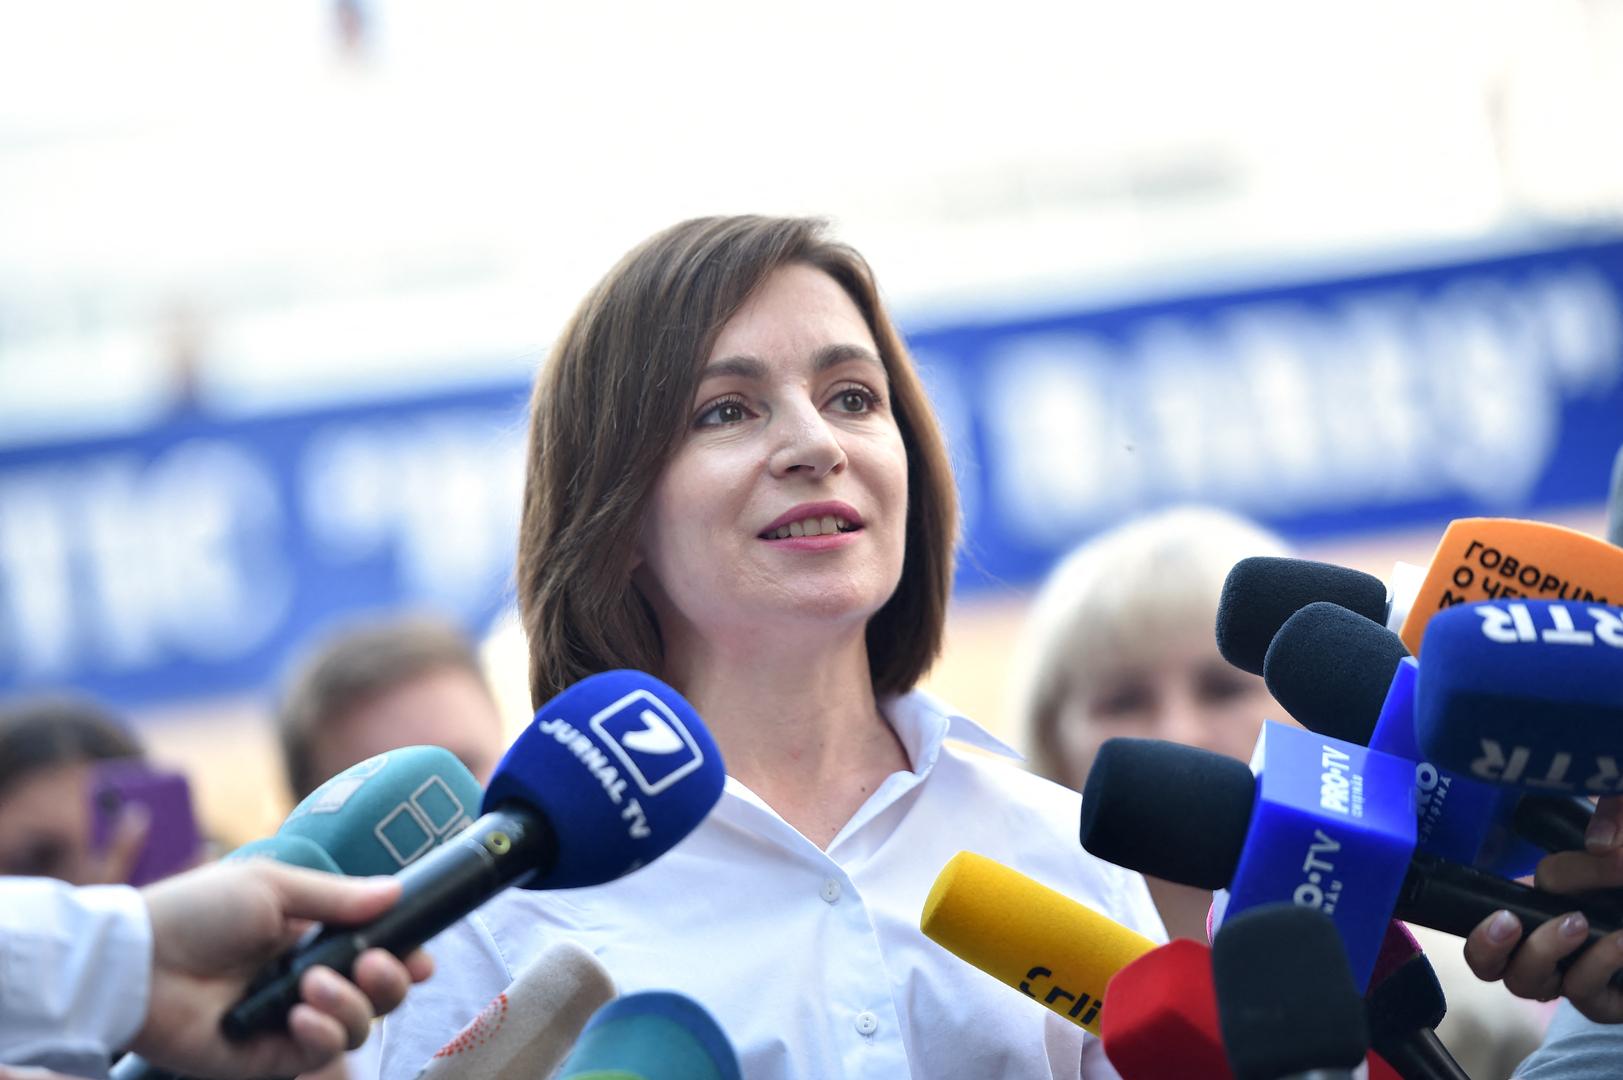 رئيسة مولدوفا: مصممون على حوار بناء مع روسيا